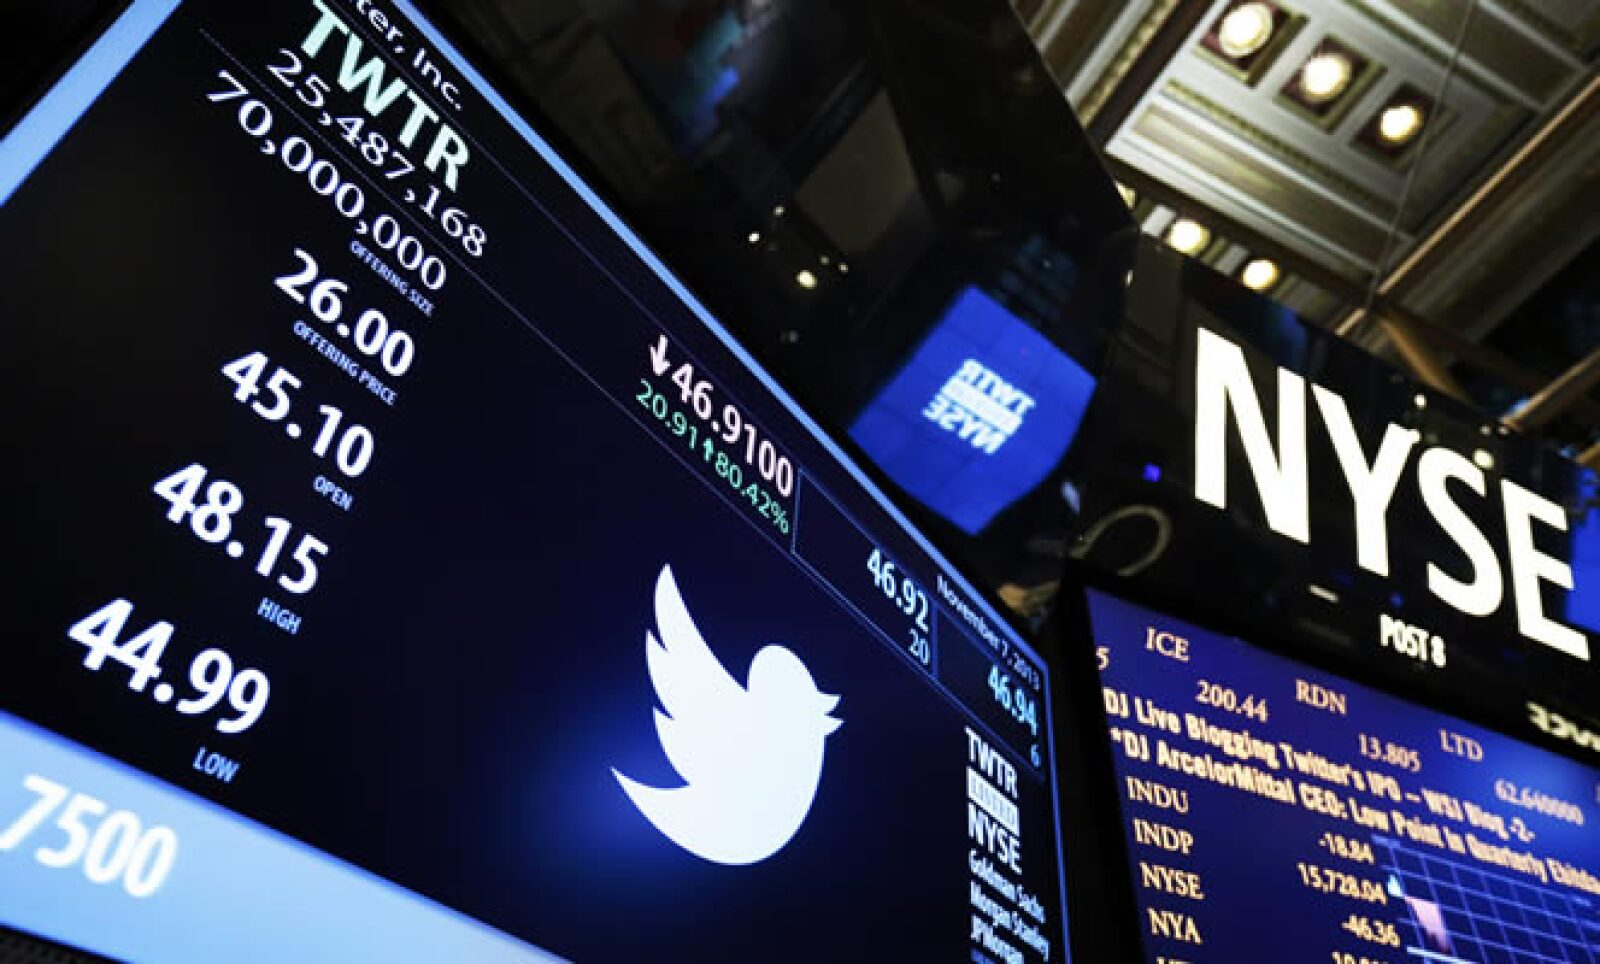 En su primer día en el mercado de valores de Nueva York, la red social logró una ganancia en su valor de mercado de 10,789 mdd, según datos de New York Stock Exchange (NYSE).